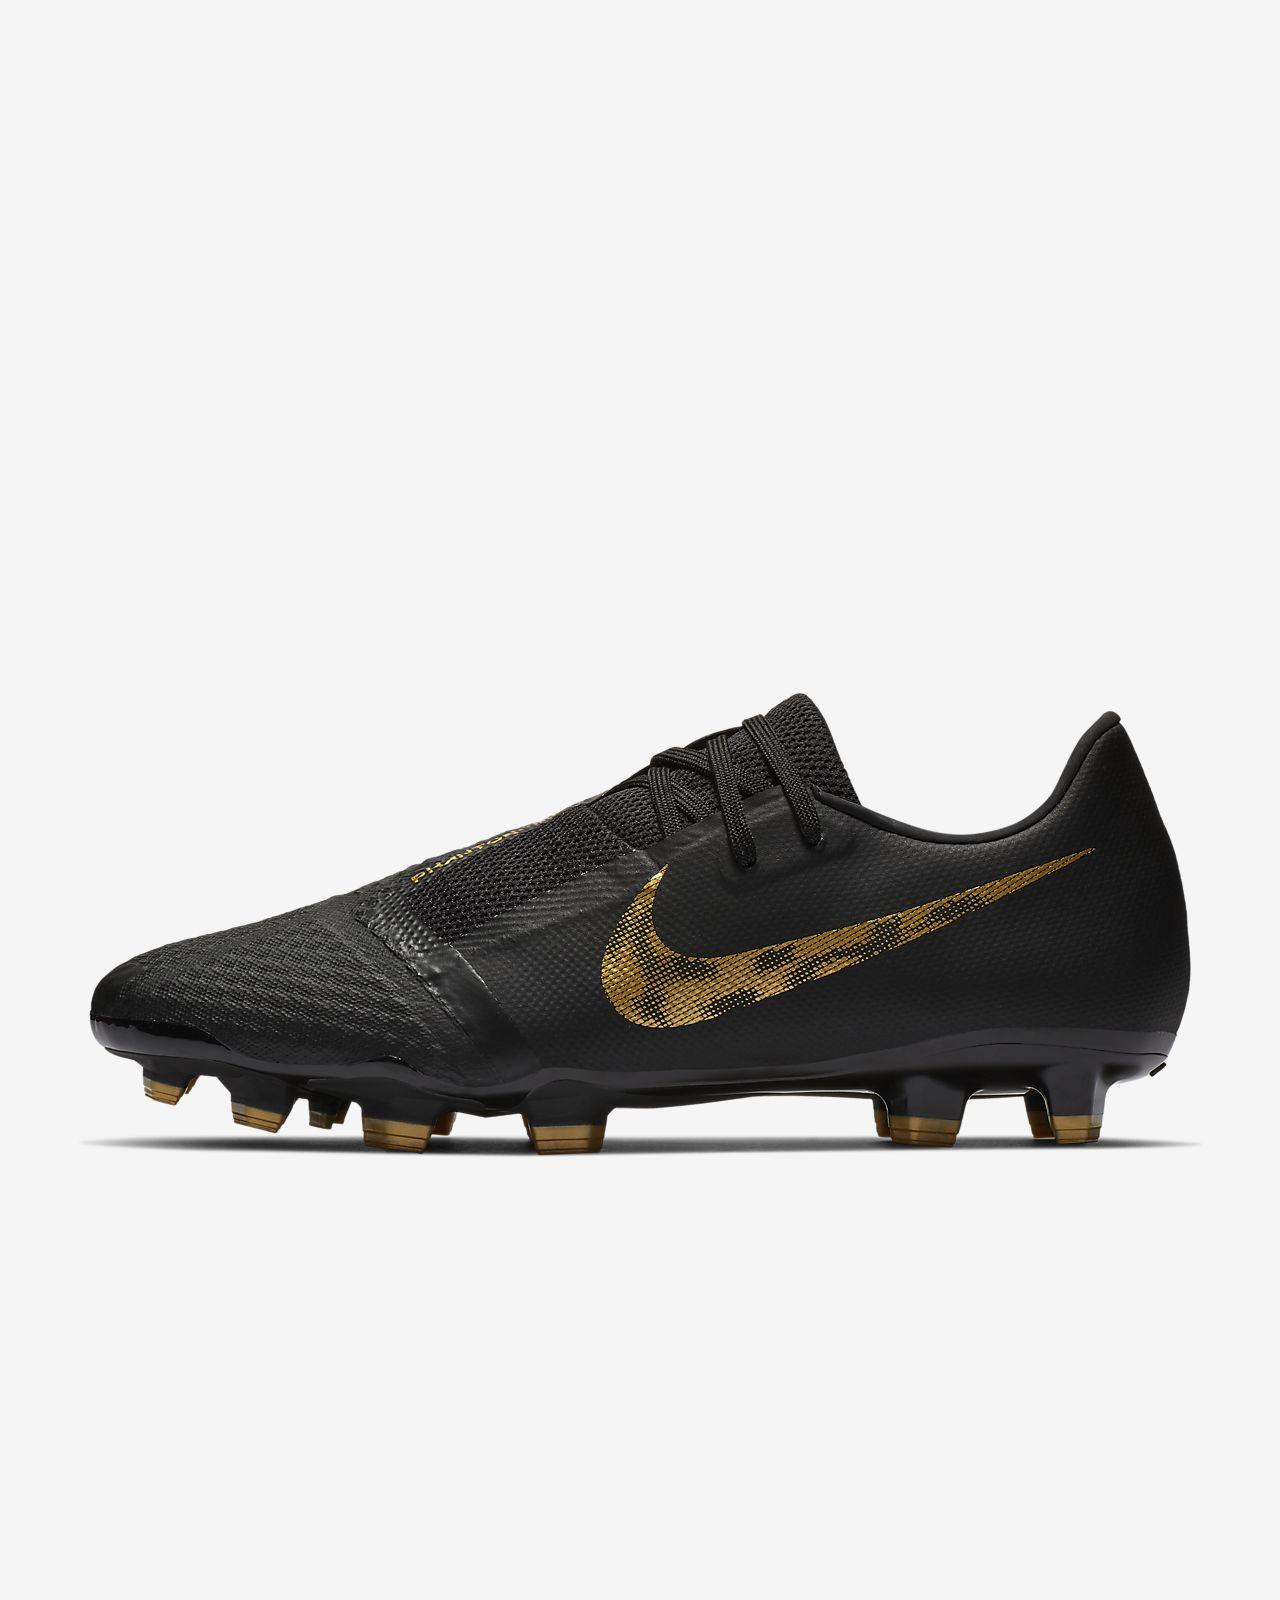 Nike PhantomVNM Academy FG Game Over fotballsko til gress